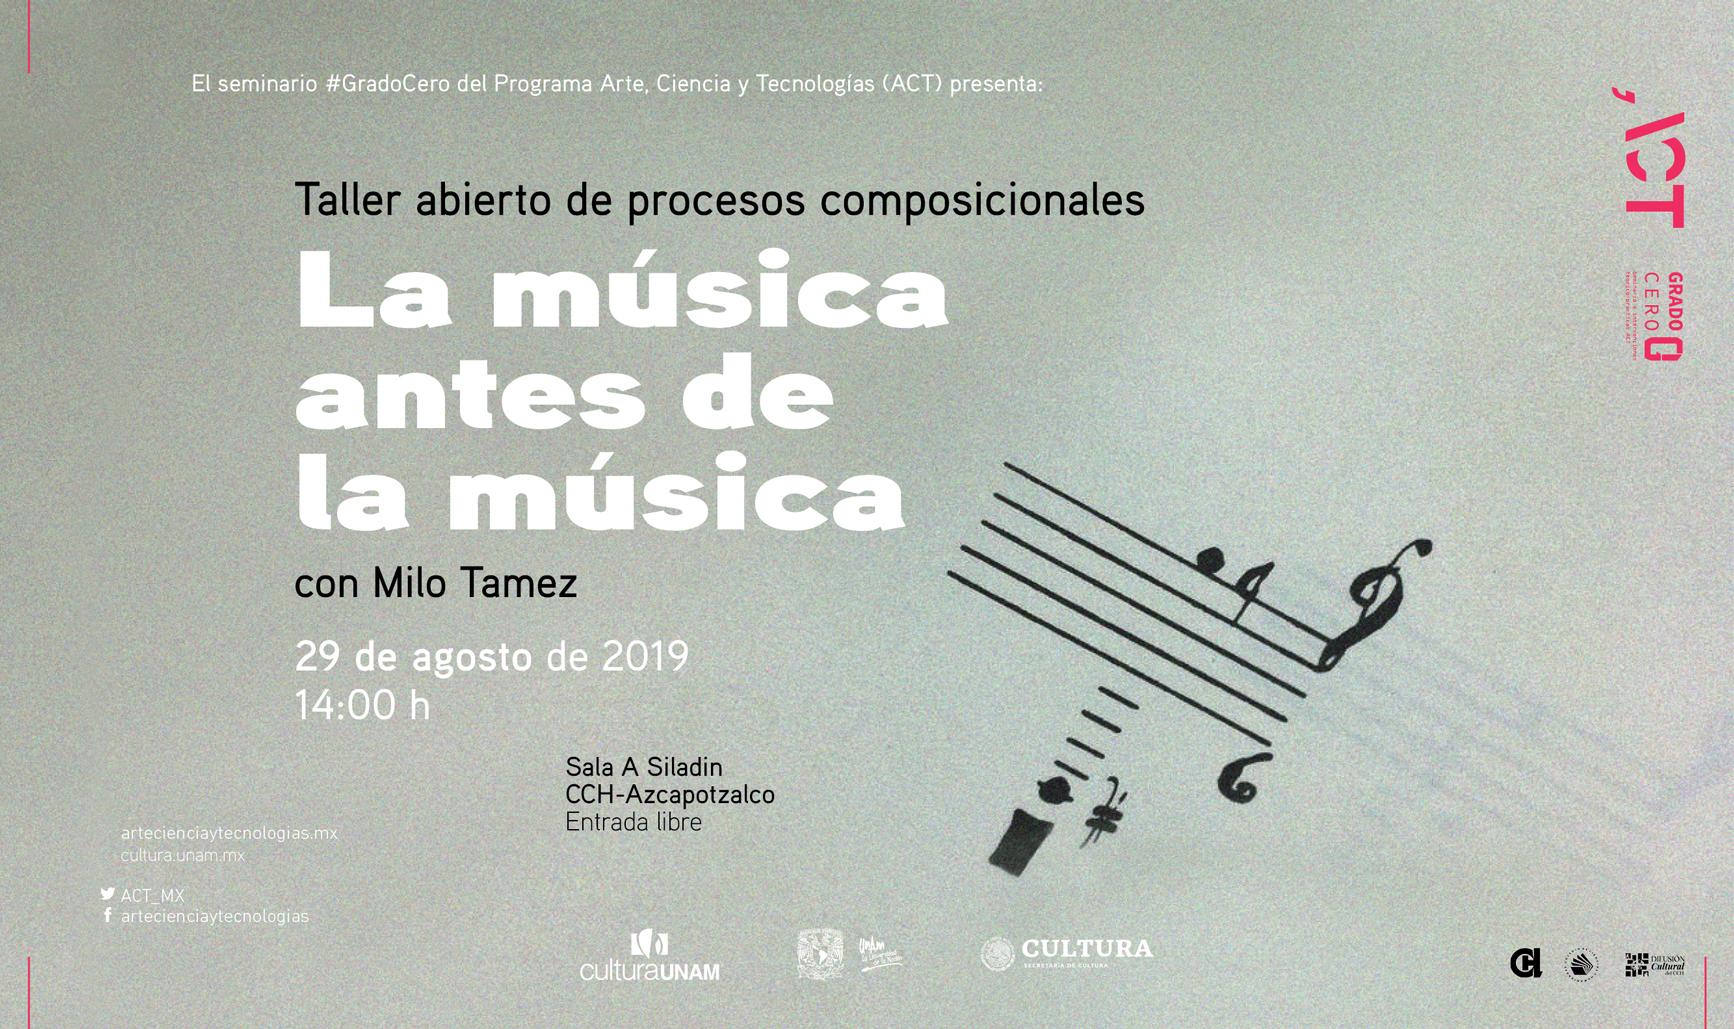 Grado Cero: Taller abierto de procesos composicionales La música antes de la música